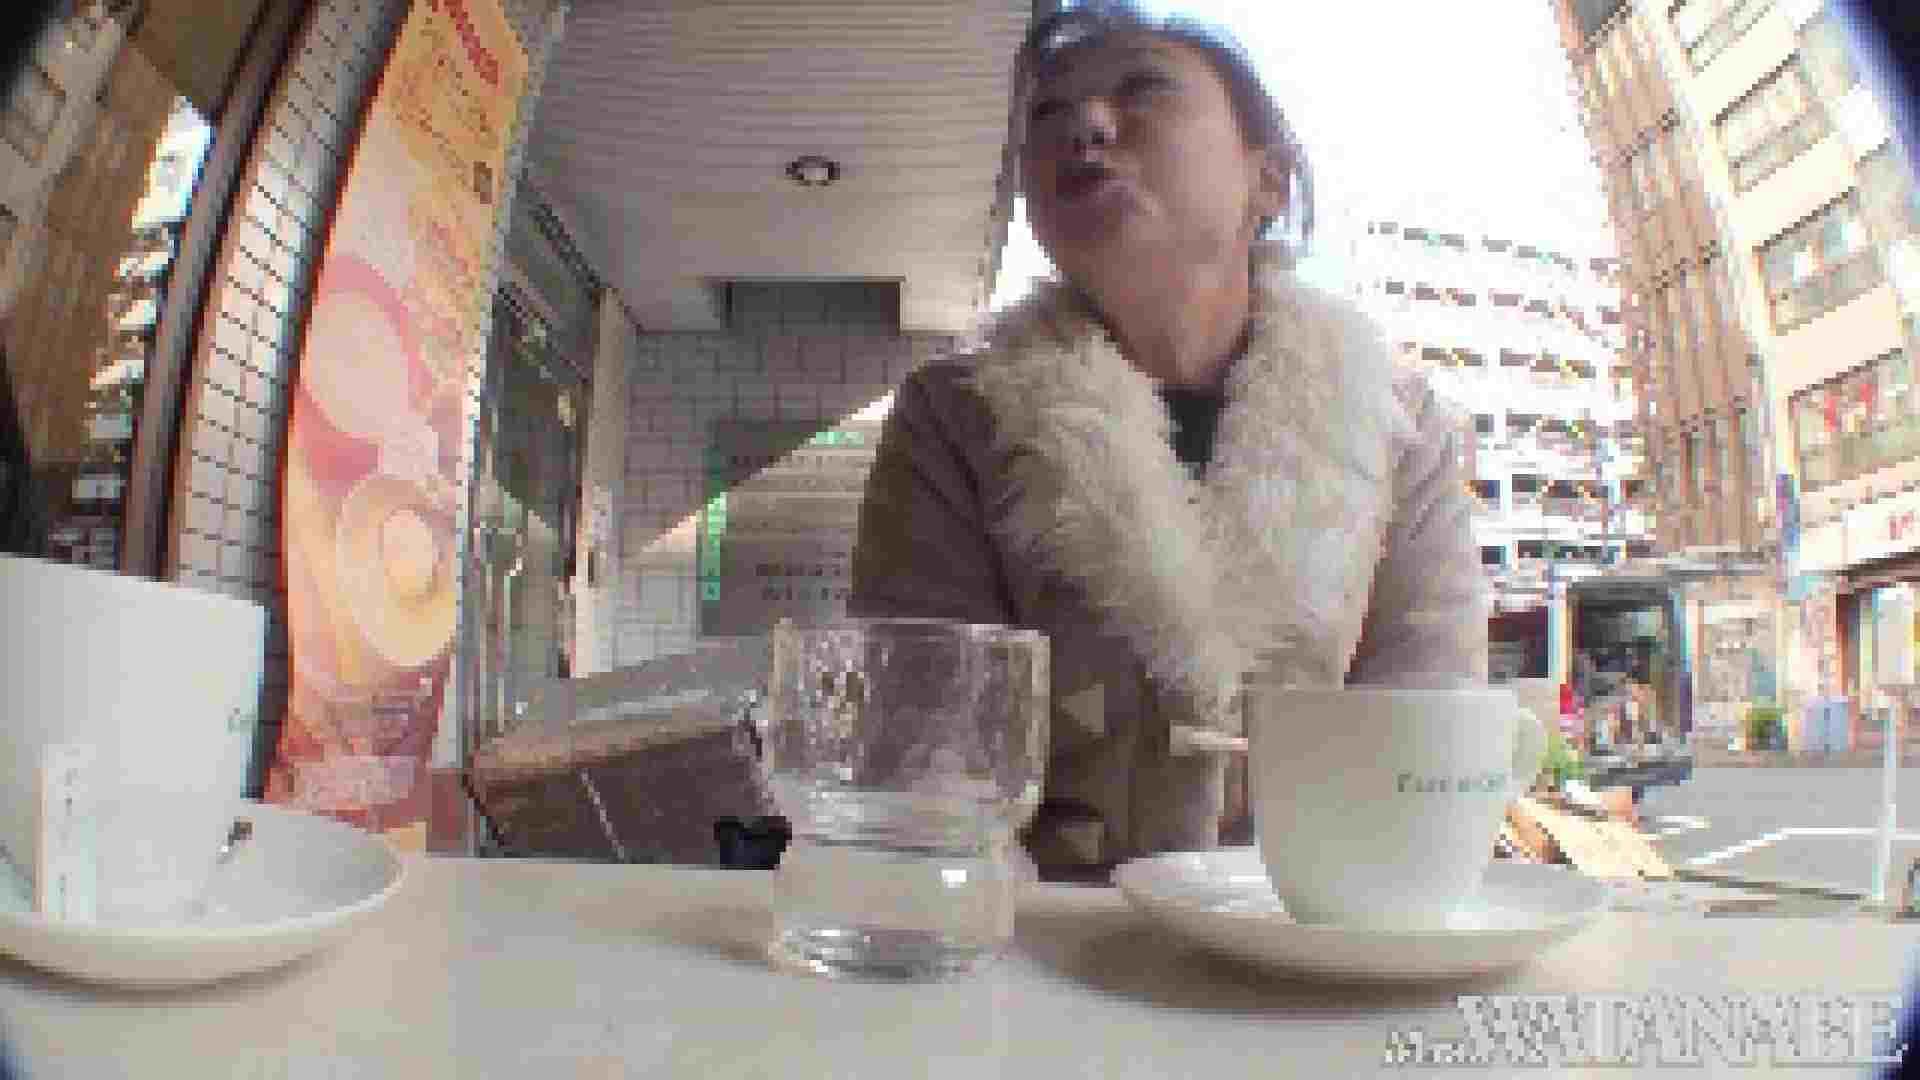 撮影スタッフを誘惑する痴熟女 かおり40歳 Vol.01 素人 | HなOL  67pic 48